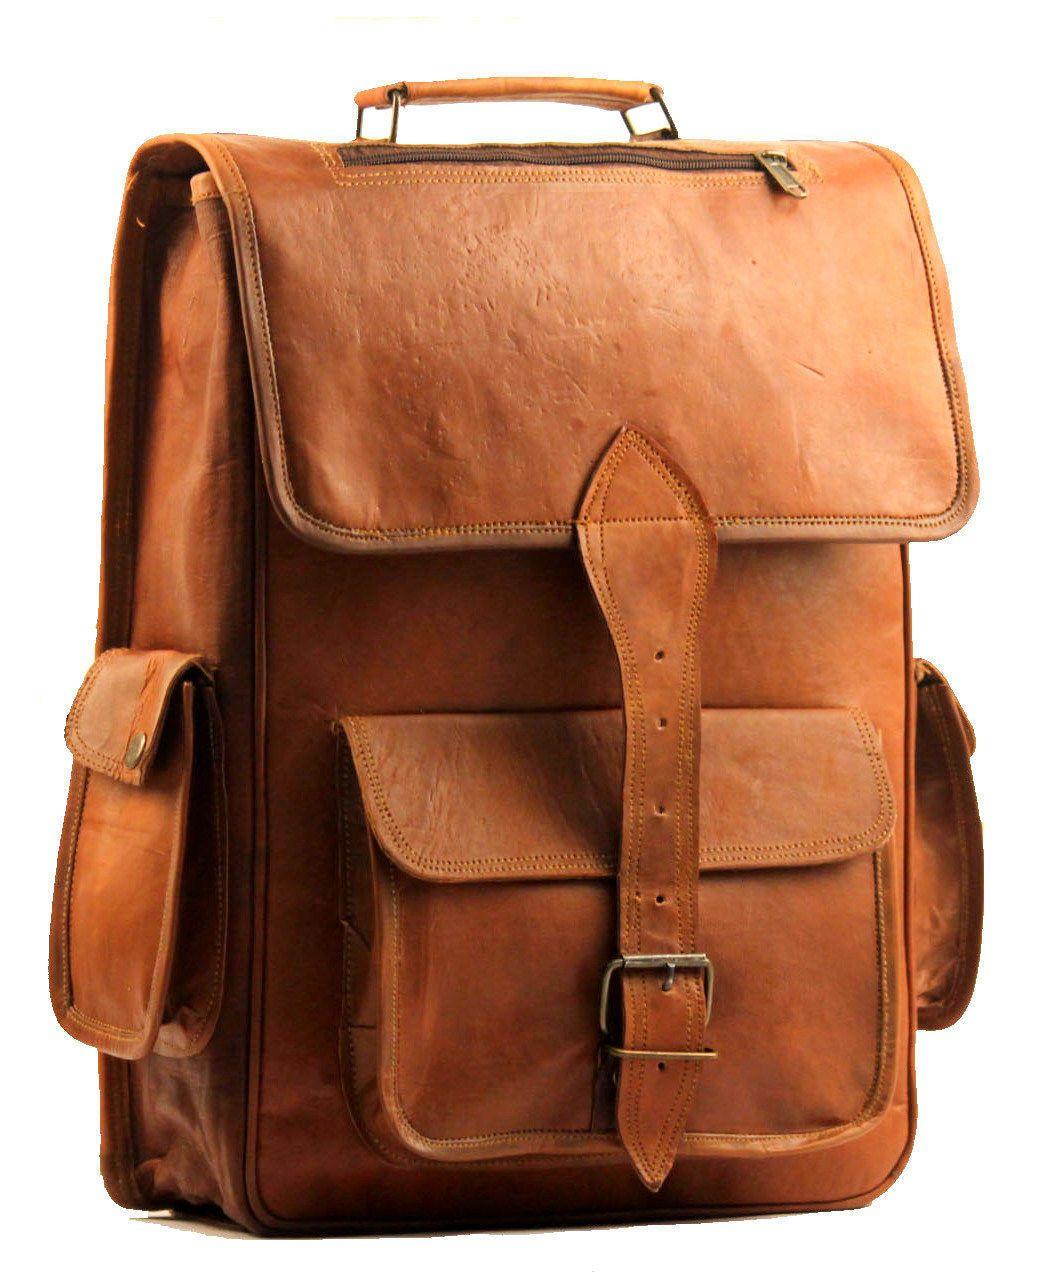 Men's NEW Vintage Genuine Leather Laptop Backpack Leather Rucksack Bagpack-3